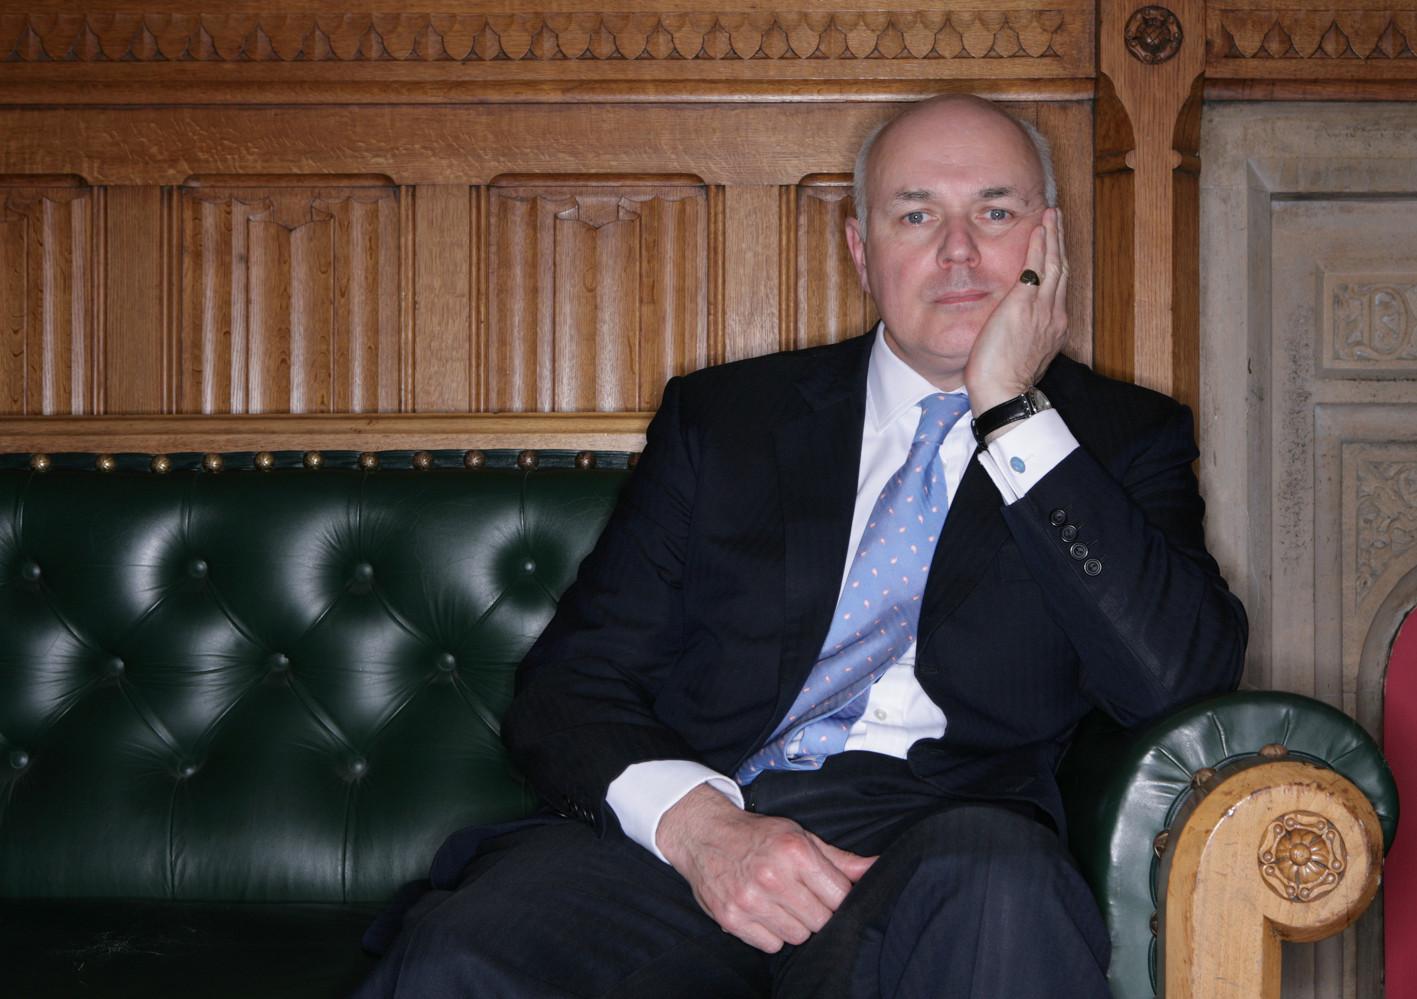 James O Jenkins Portraits Iain Duncan Smith Iain Duncan Smith MP